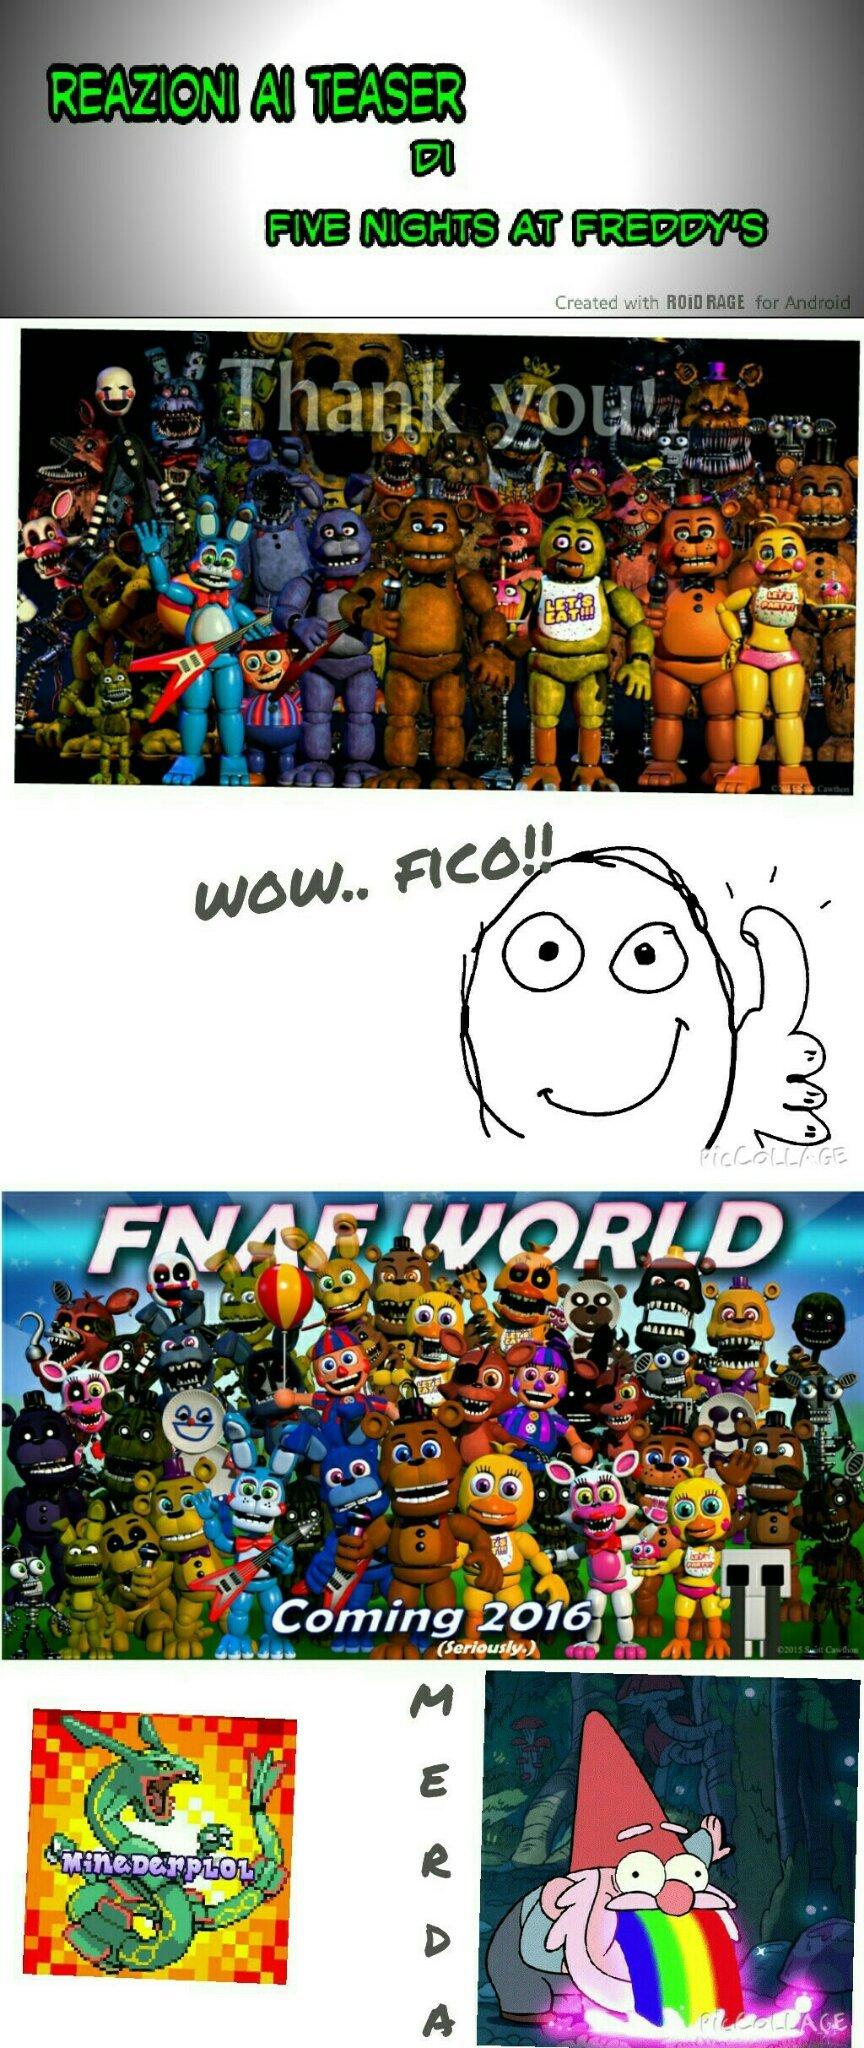 FNAF world cito i fan di fnaf, mattianewshack2003 e tuononno666 e non cito la fava del Balloon boy - meme